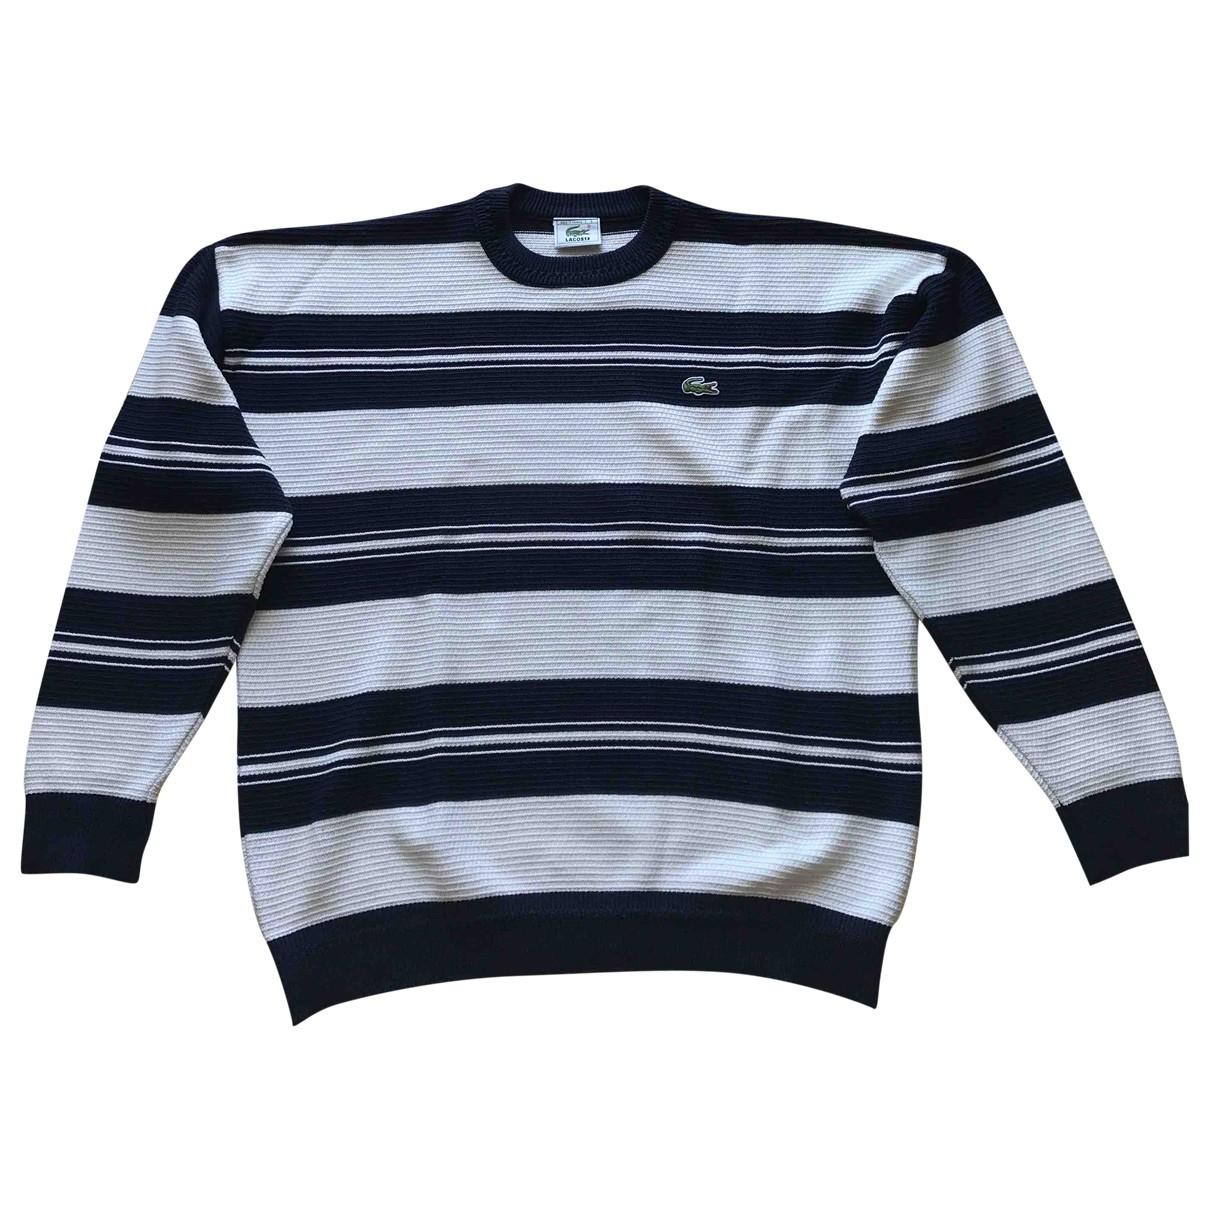 Lacoste - Pulls.Gilets.Sweats   pour homme en coton - multicolore